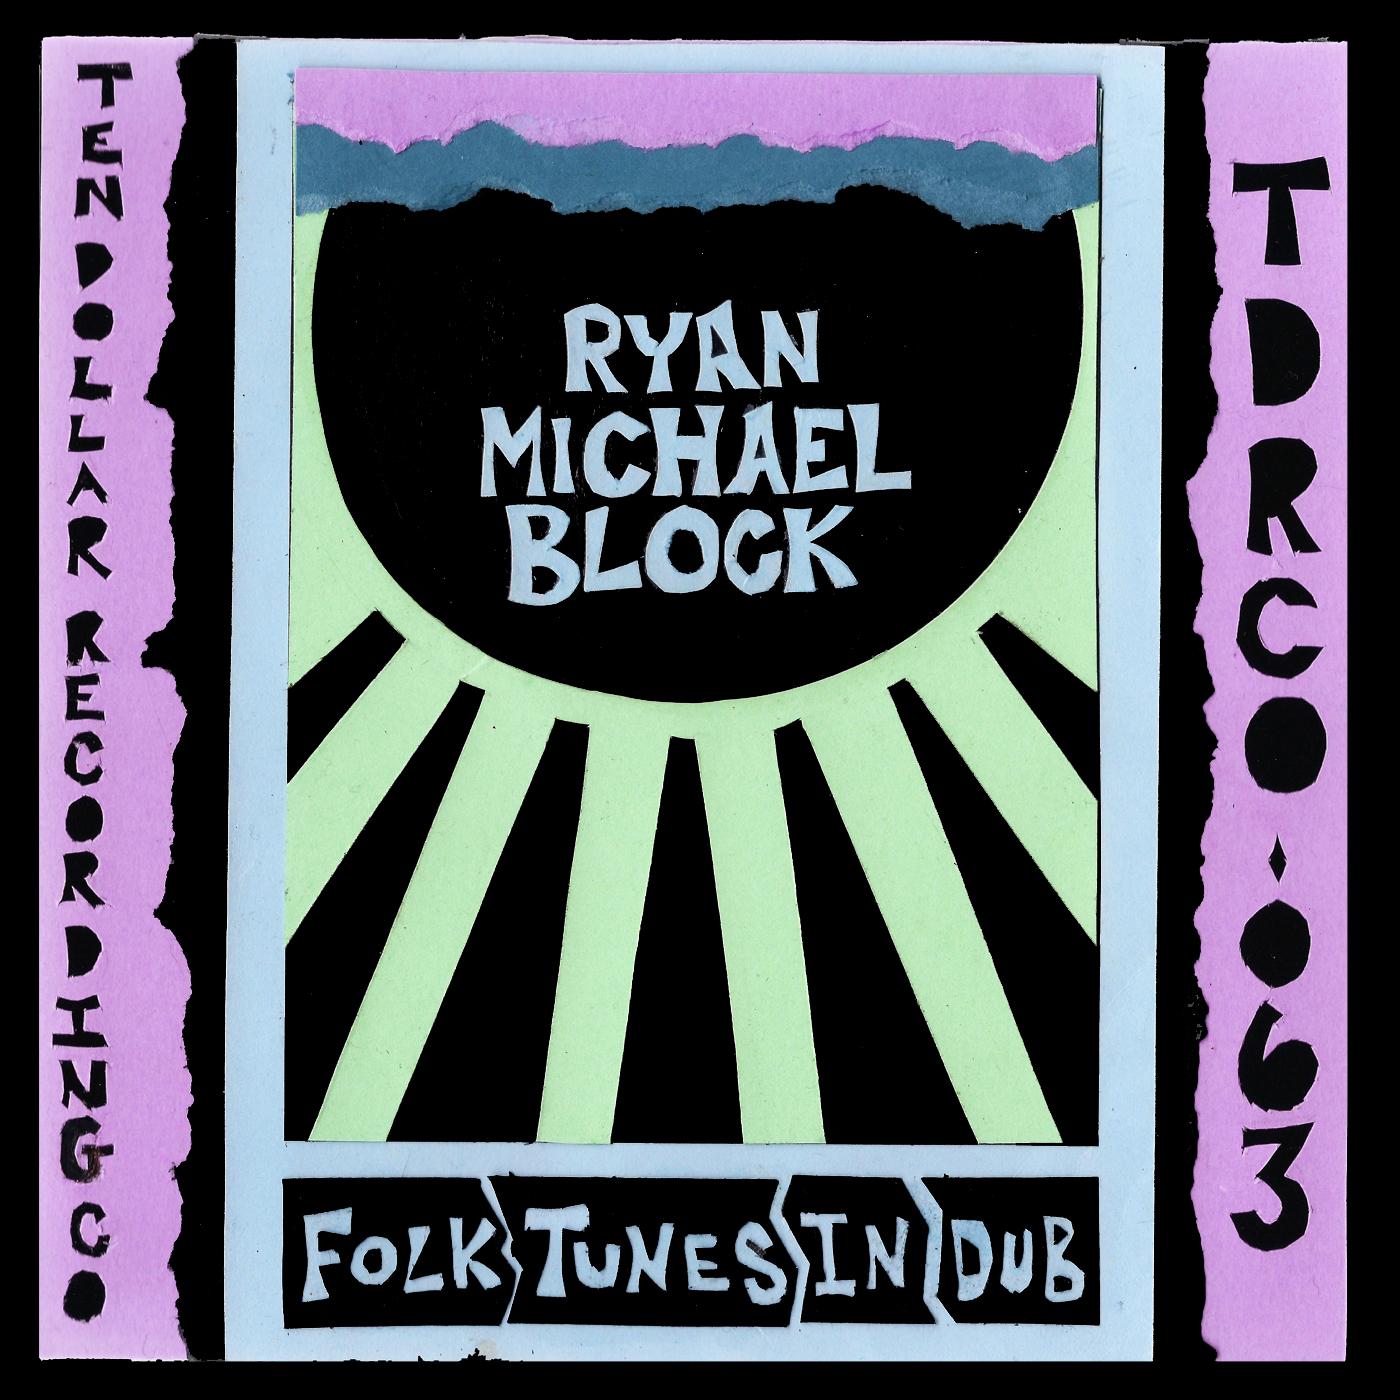 Ryan Michael Block - Folk Tunes in Dub